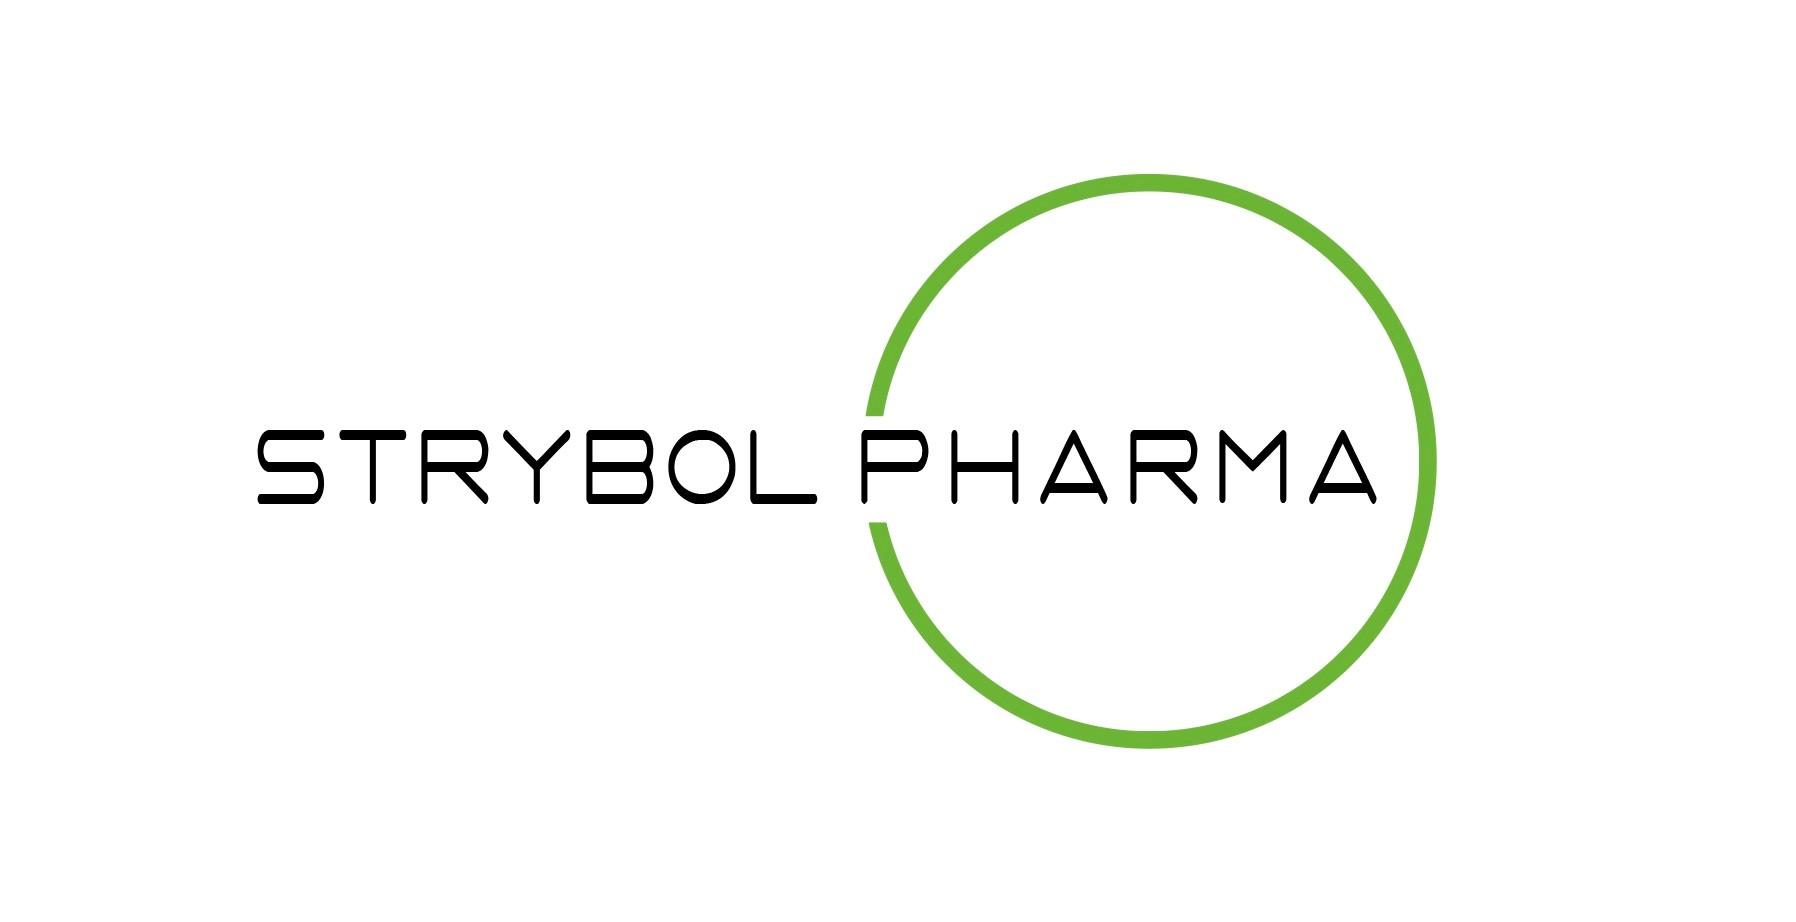 logo strybol pharma